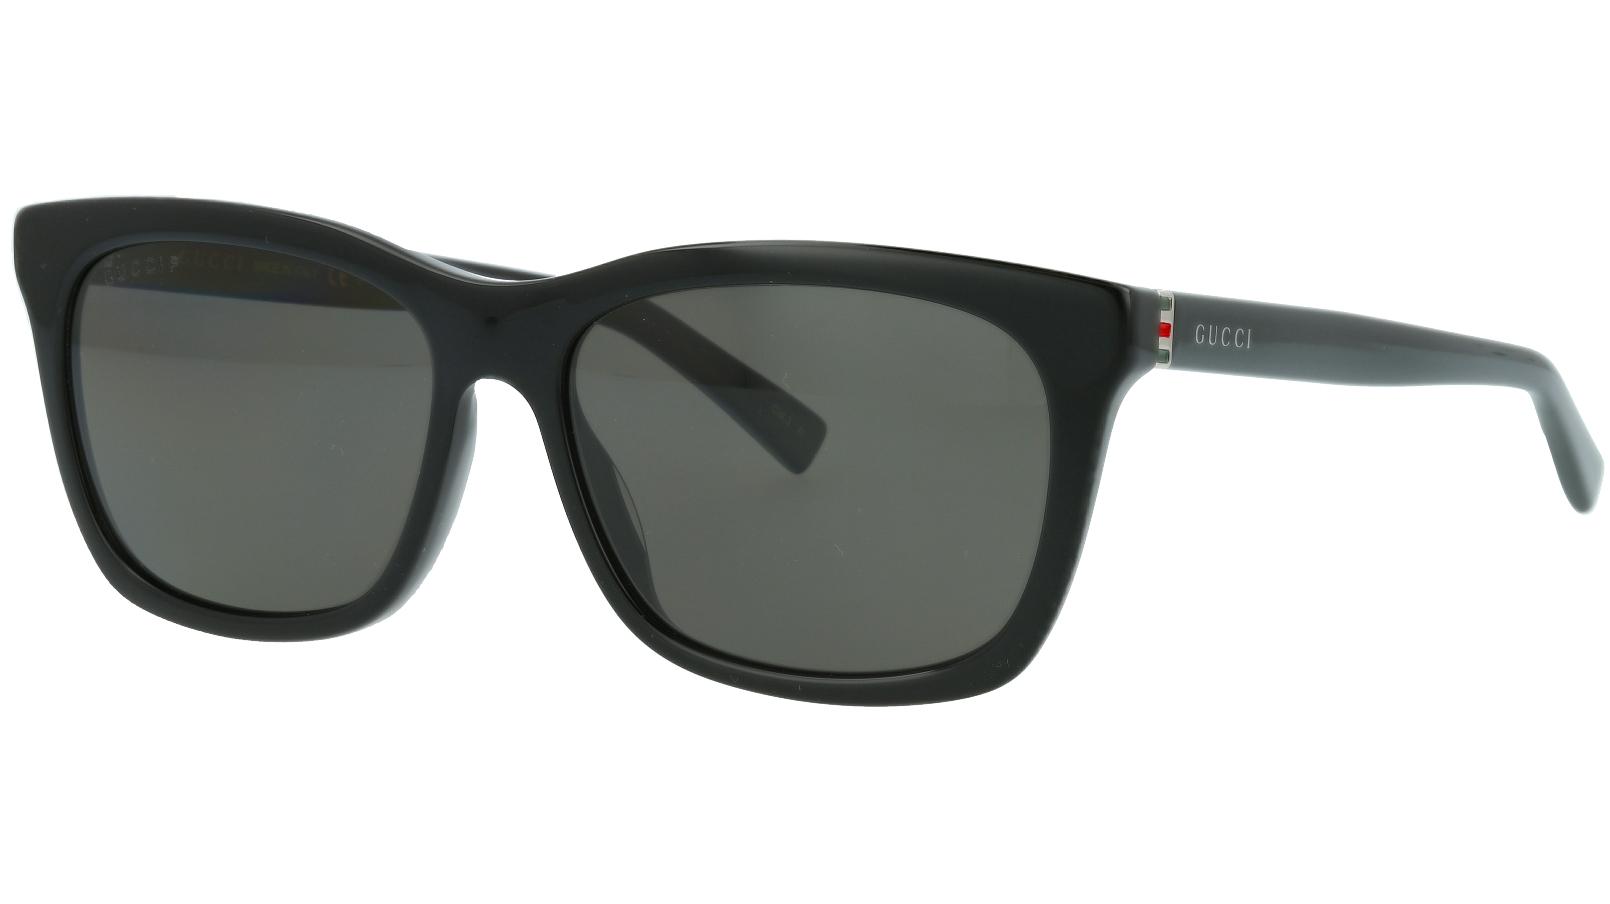 Gucci GG0449S 002 56 BLACK Sunglasses